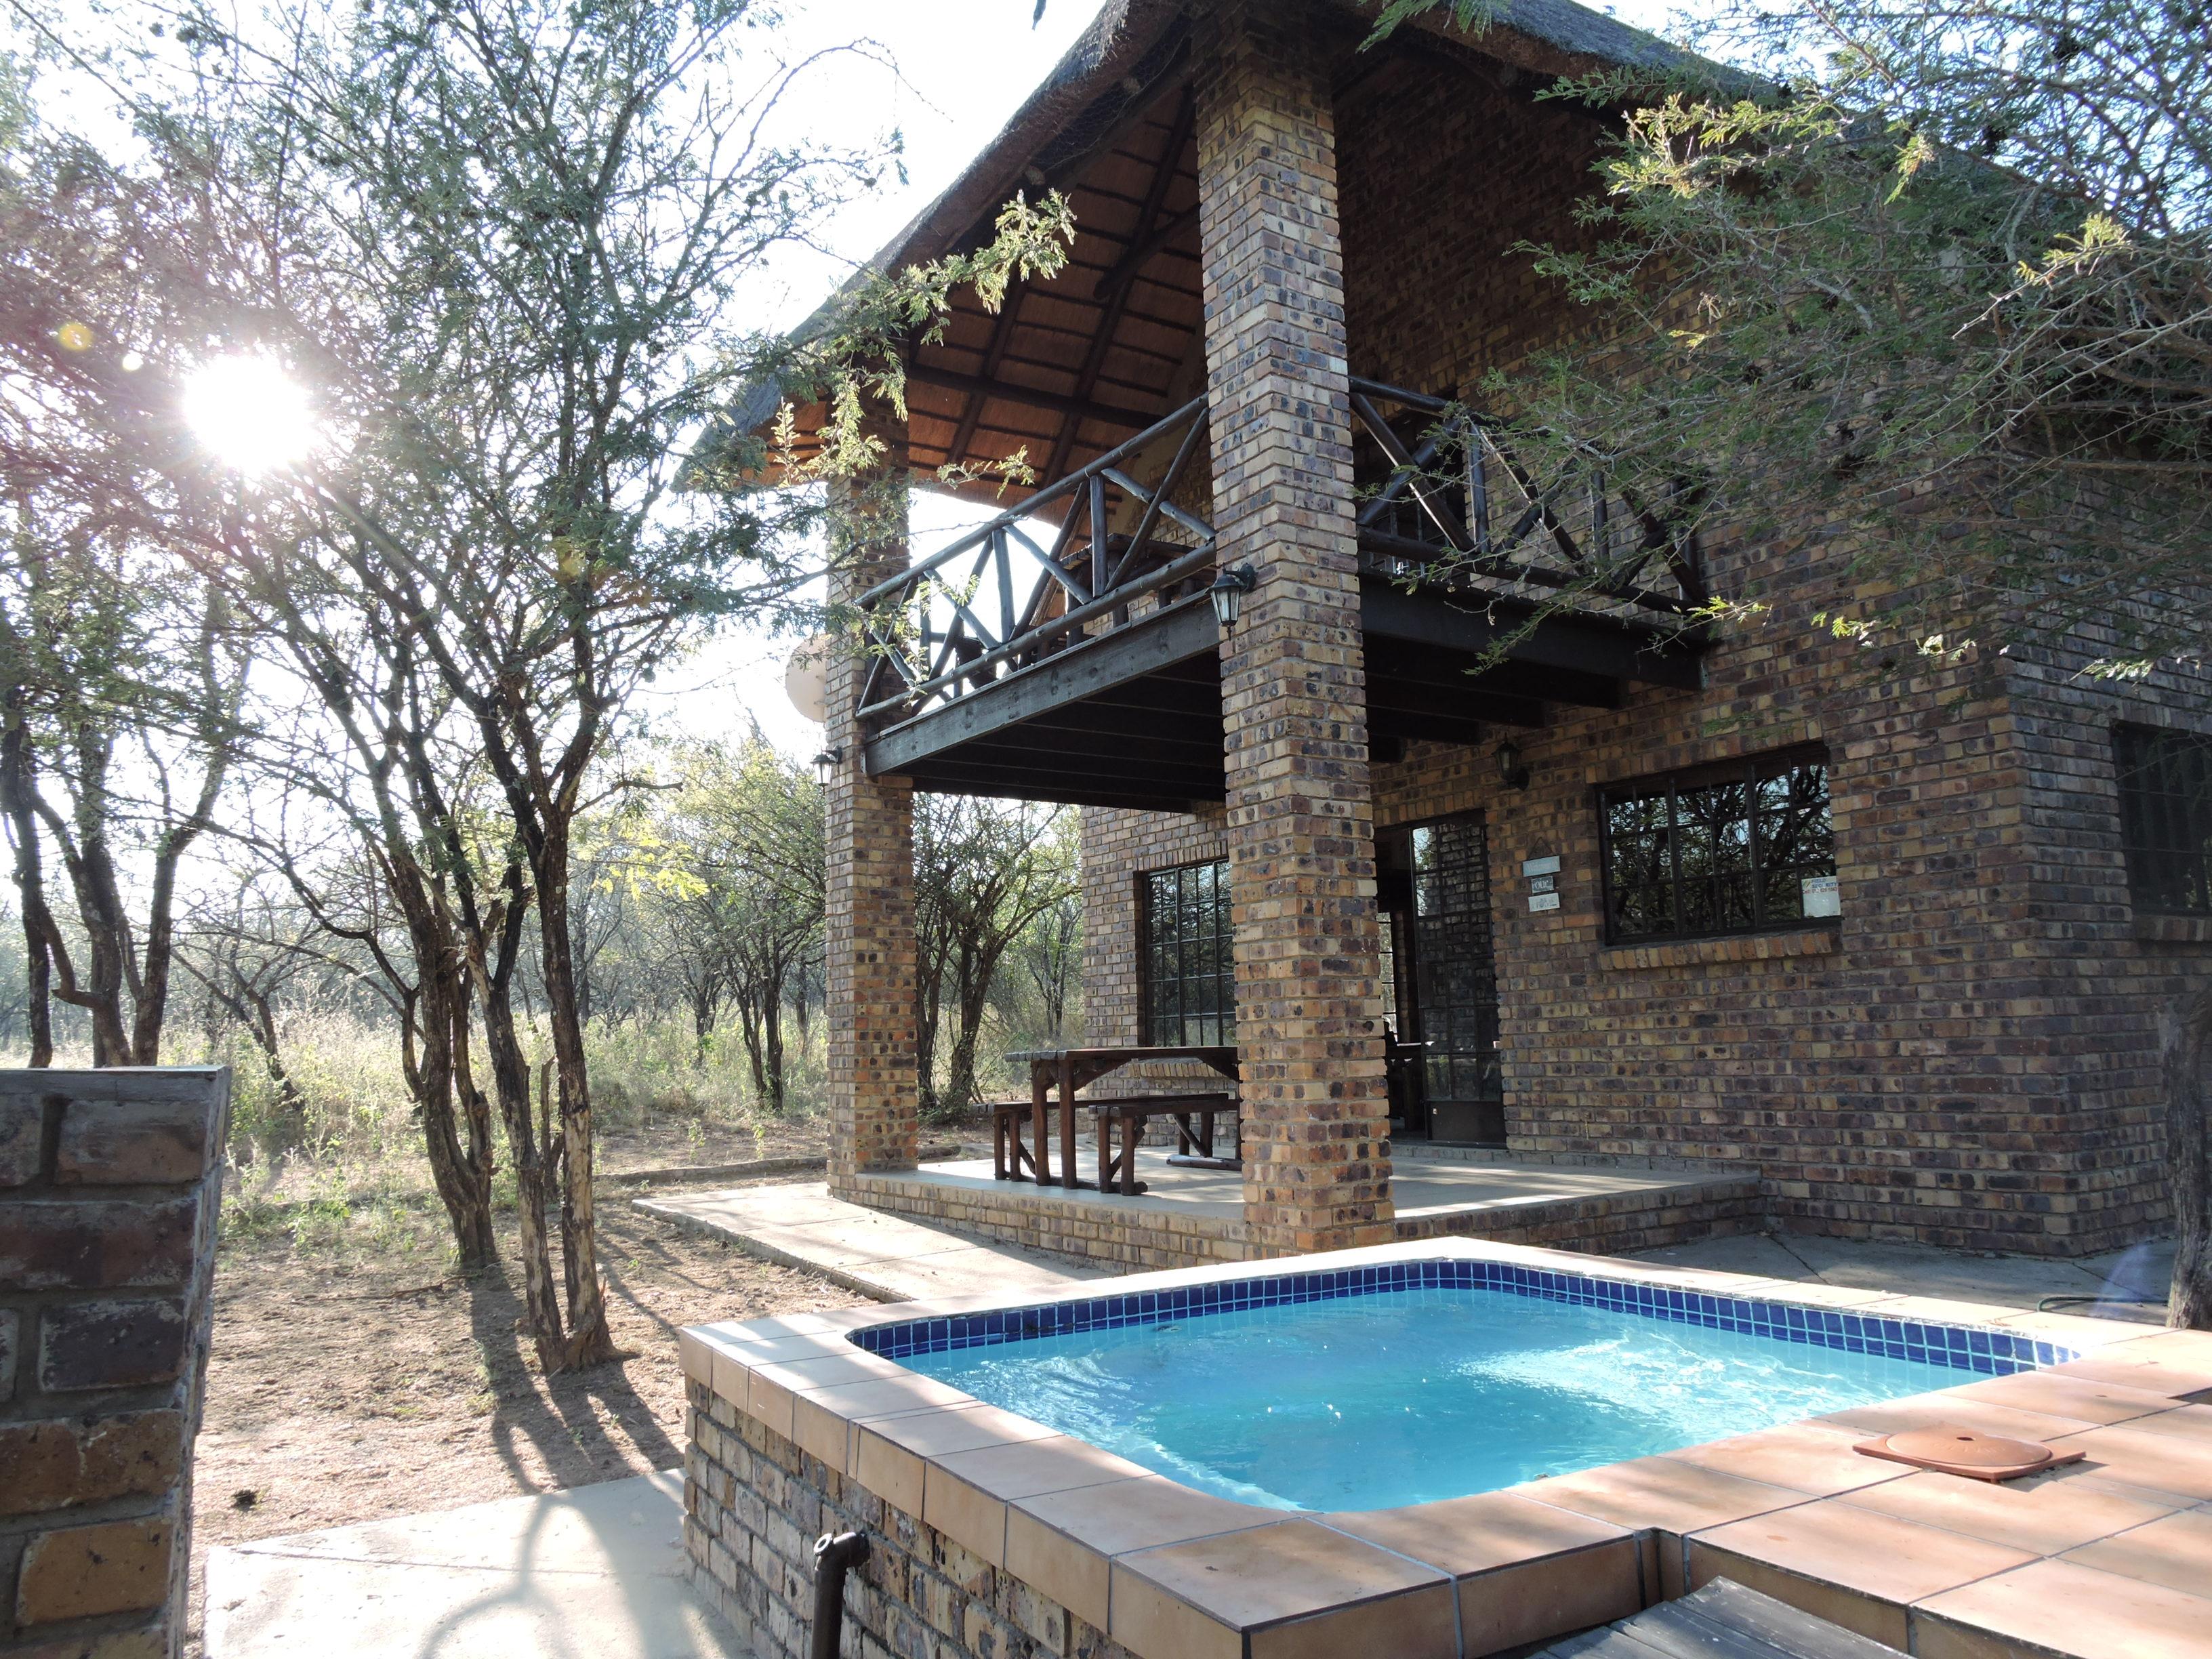 Umvangazi Rest - Geniesen Sie eine entspannende, v Ferienhaus in Südafrika